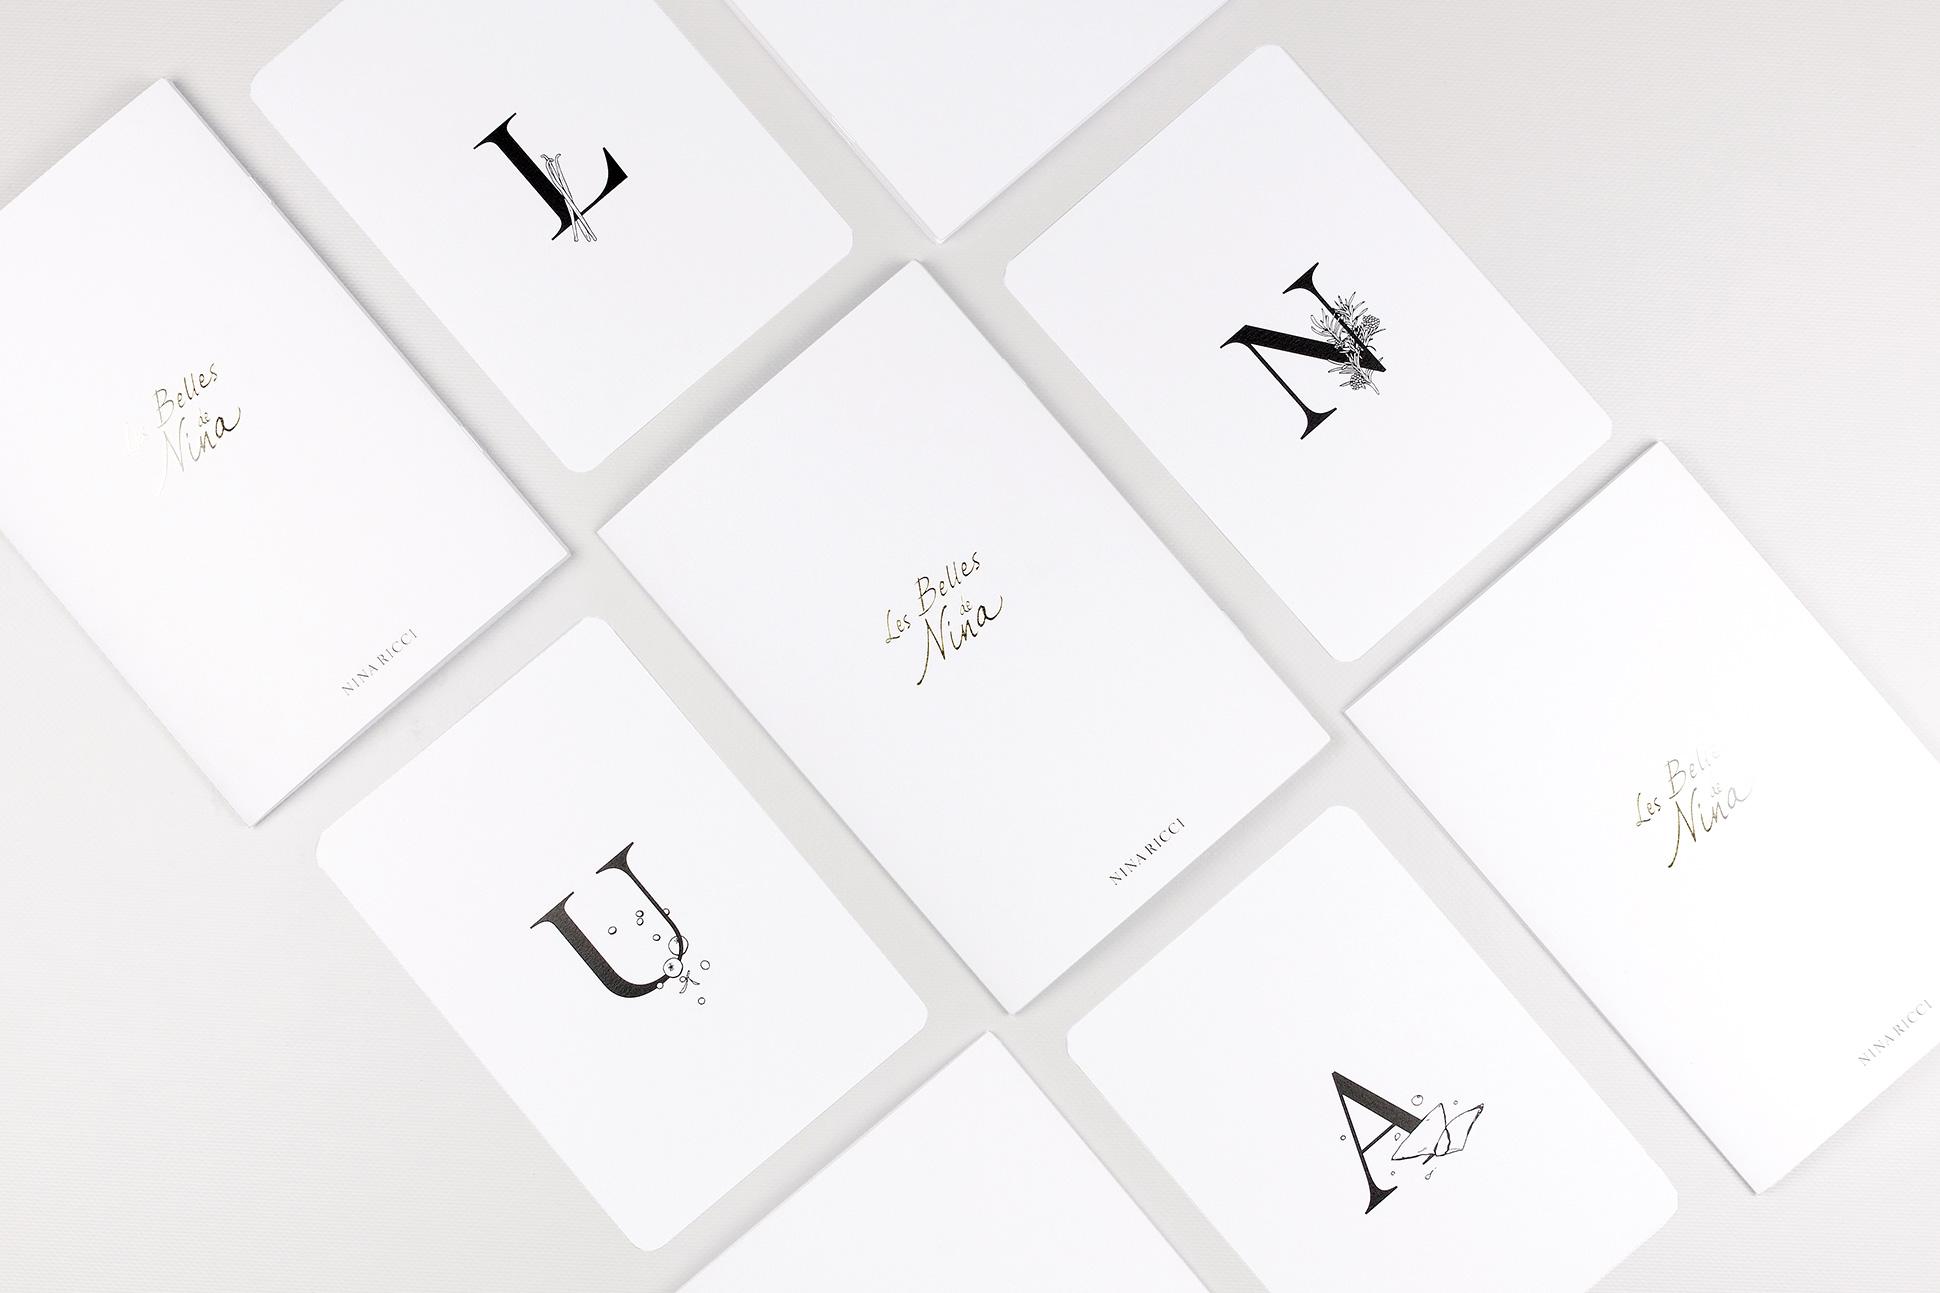 Nina_cards